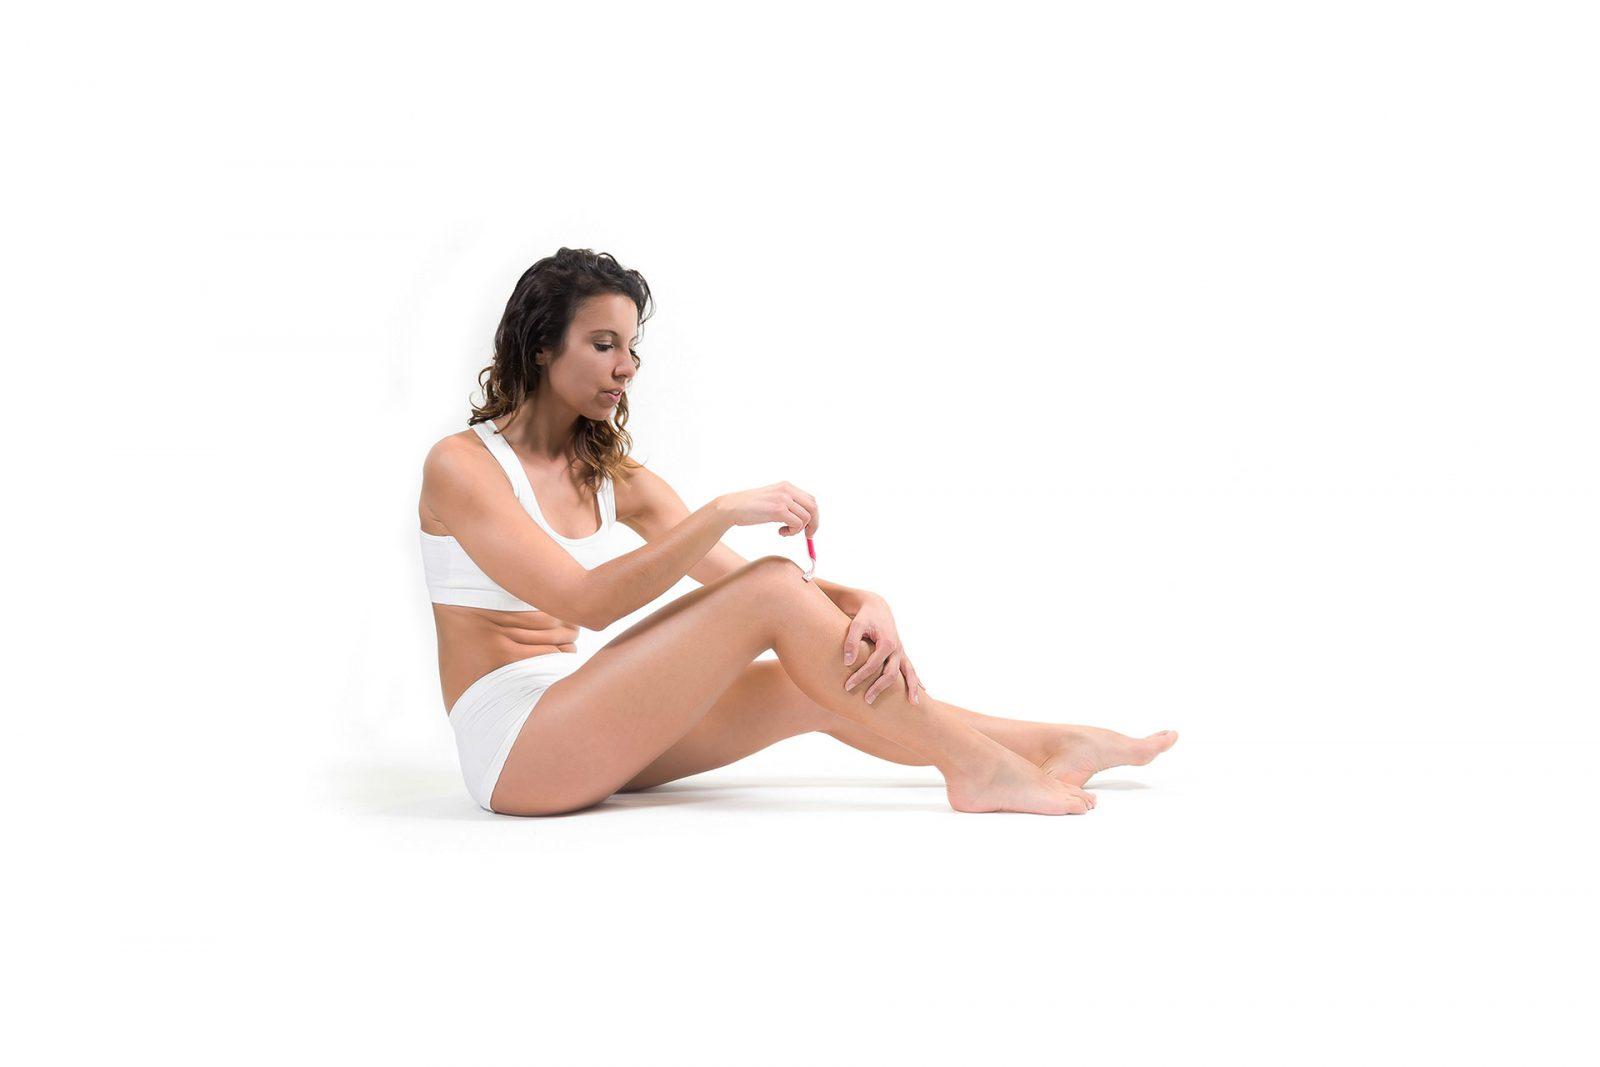 bodycience, clinicas, Depilação Definitiva